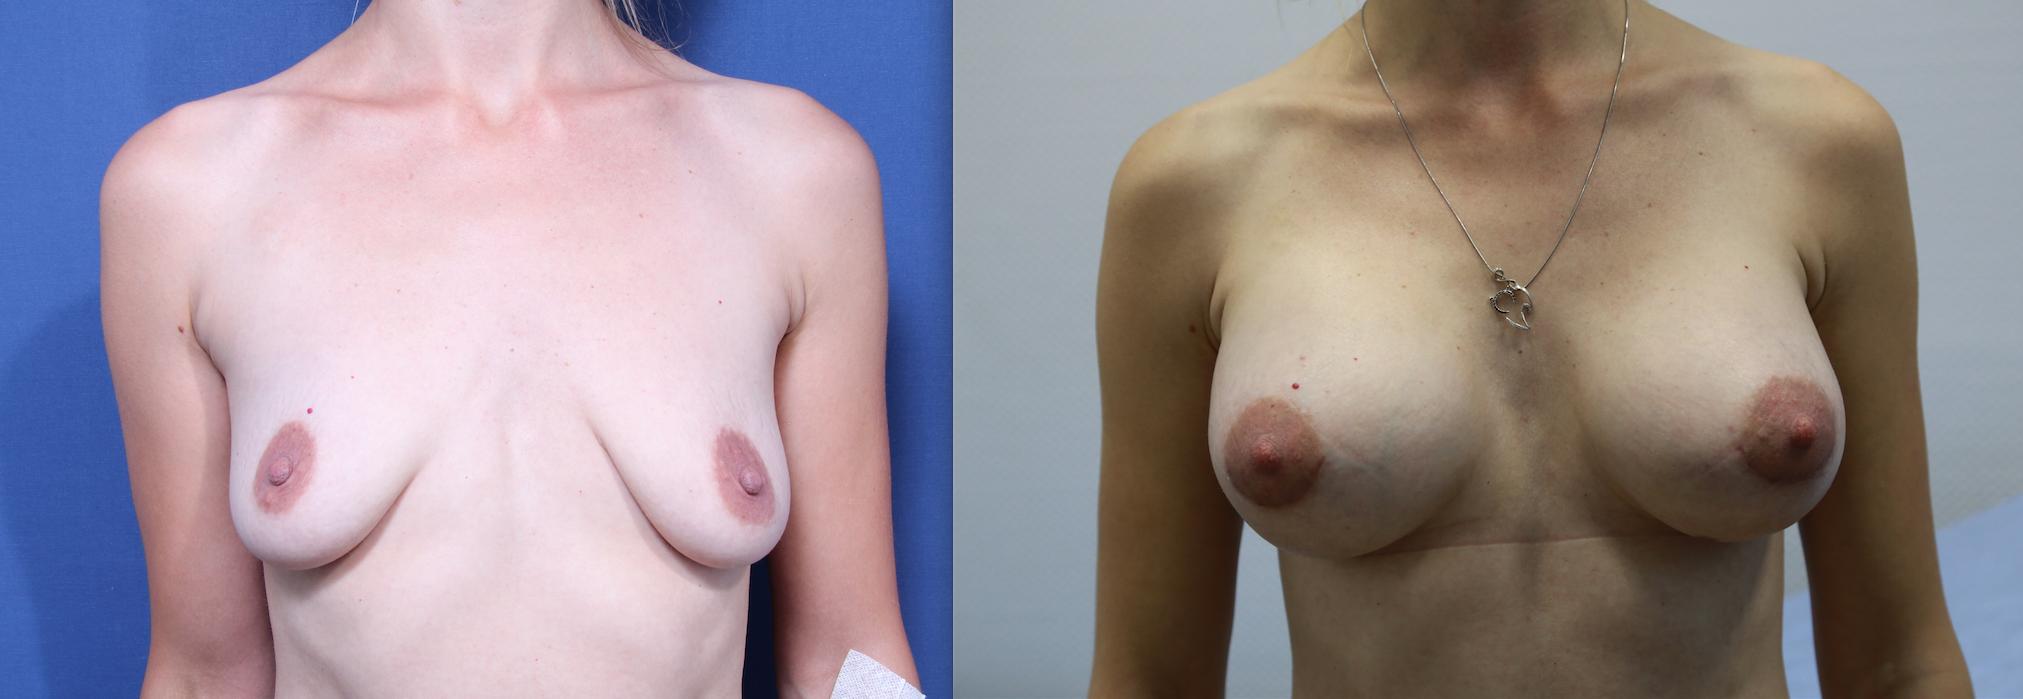 Быстрое средство увеличить грудь